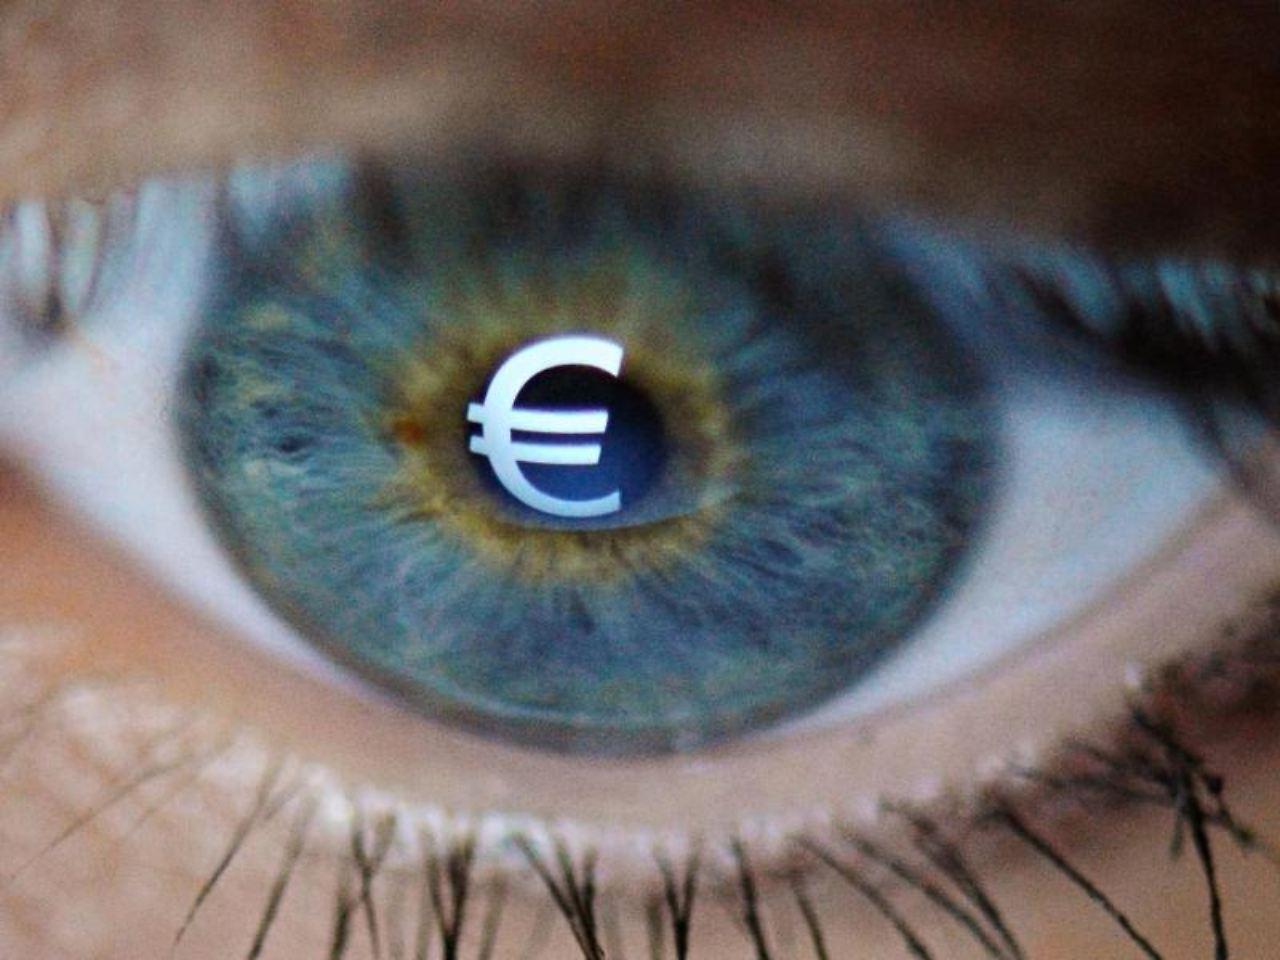 Staatliche Förderung: Böses Erwachen für Wohnriester-Kunden? - n-tv.de